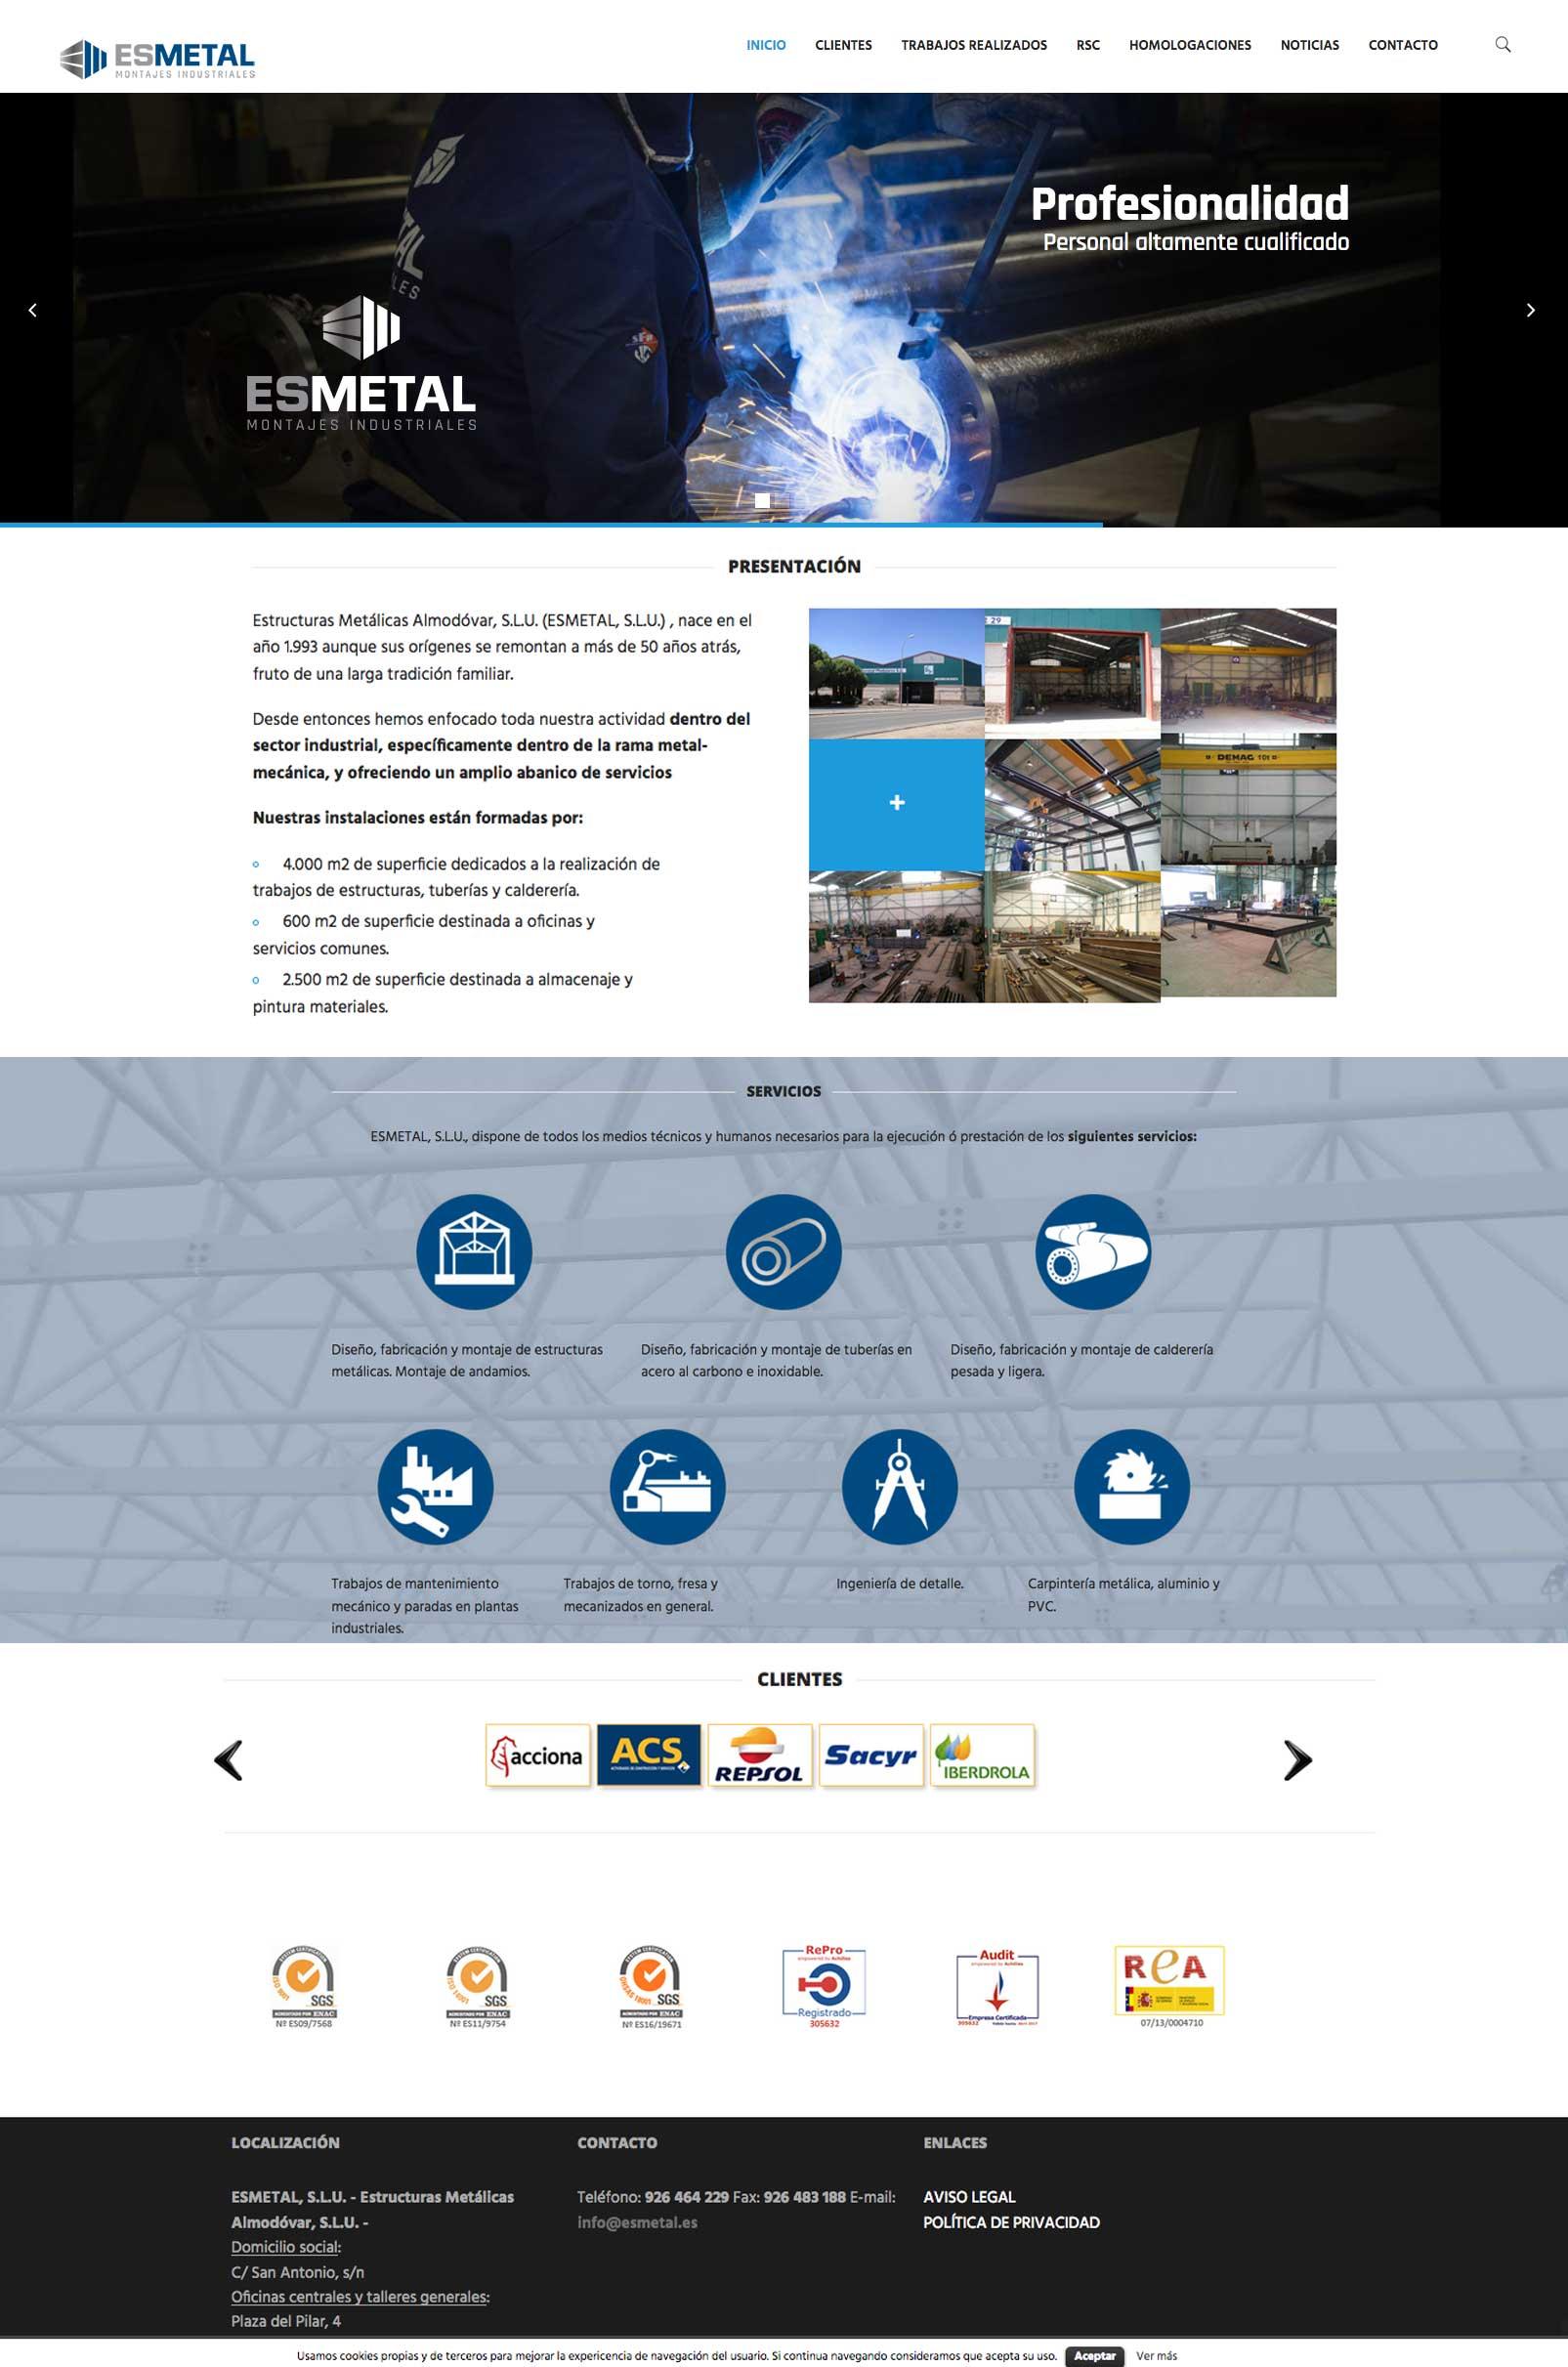 Página web responsive para Esmetal - Estructuras metálicas